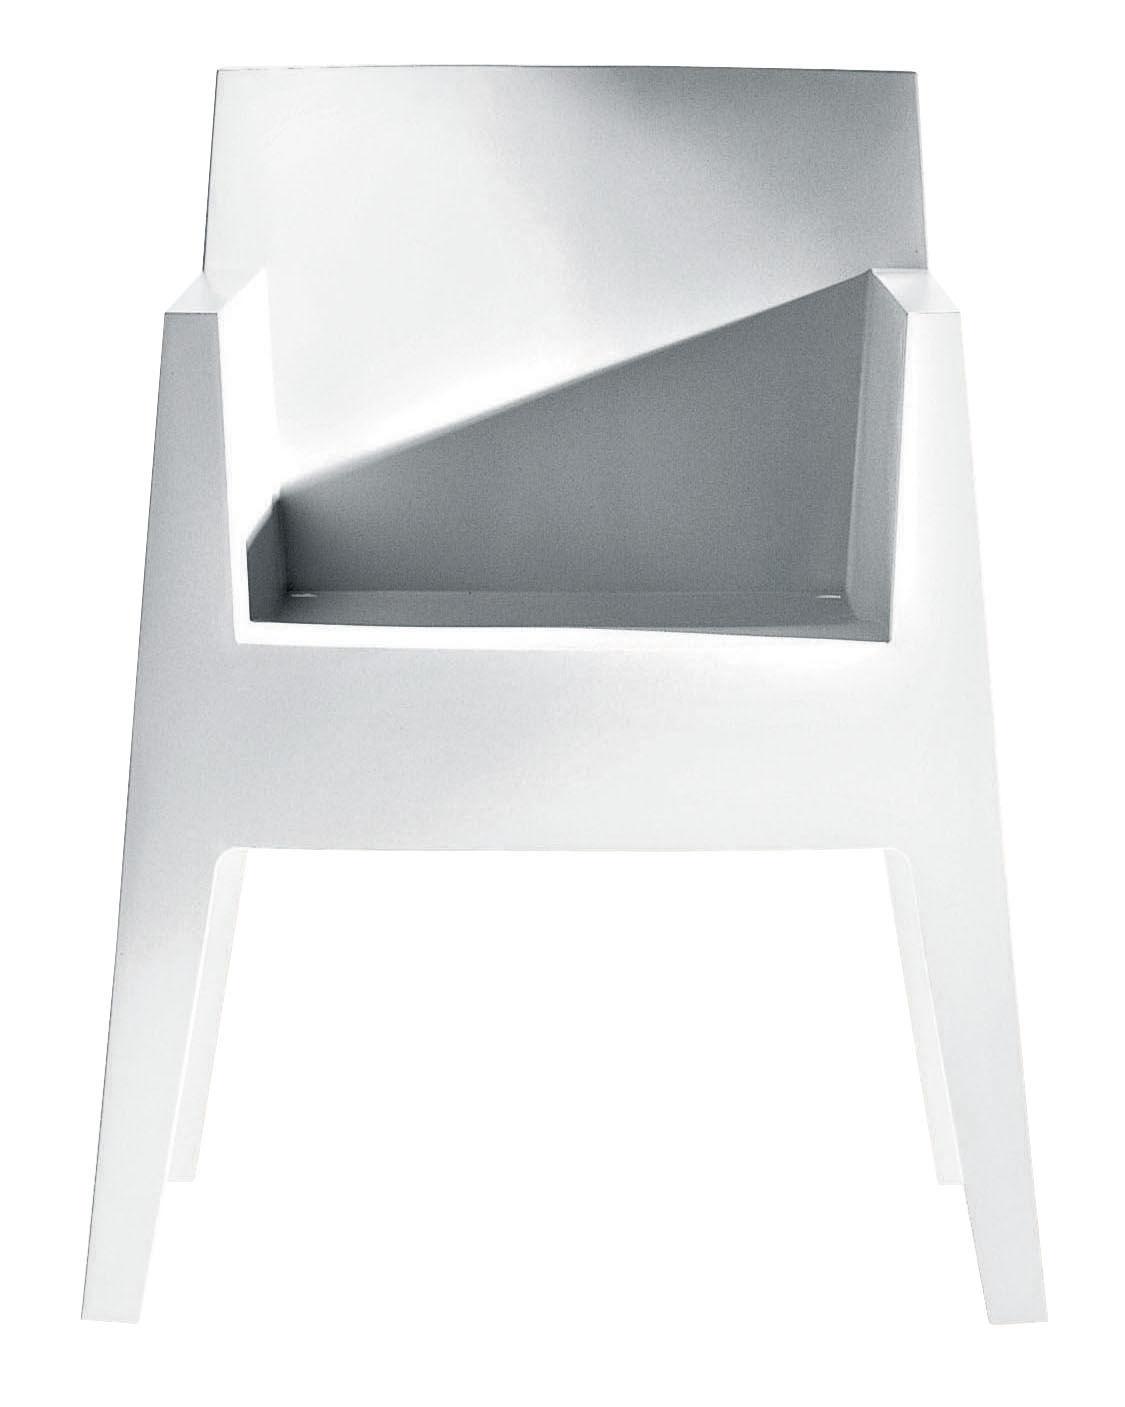 Mobilier - Chaises, fauteuils de salle à manger - Fauteuil empilable Toy - Driade - Blanc - Polypropylène